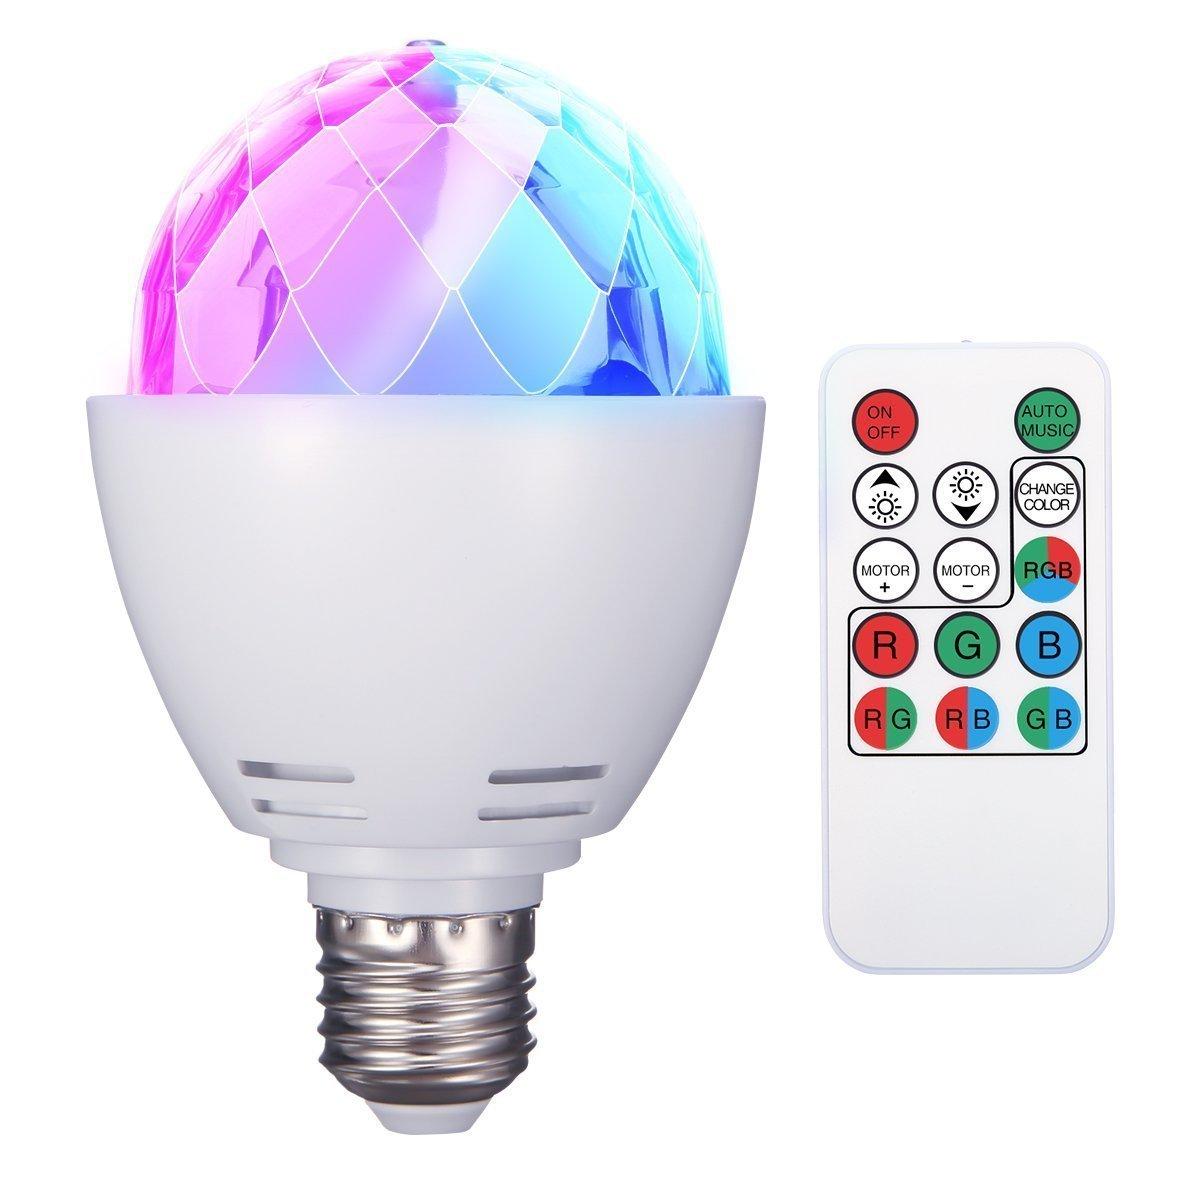 ELEGIANT Discokugel E27 RGB LED Partybeleuchtung Lichteffekte Bü hnenbeleuchtung Glü hbirnen Partylicht Lampe Fernsteuerung fü r Geburtstagsparty Hochzeitsfest Weihnachten Halloween (Batterie enthalten) ELEGIANT Co. LTD ELEGIANTtFBDna35t